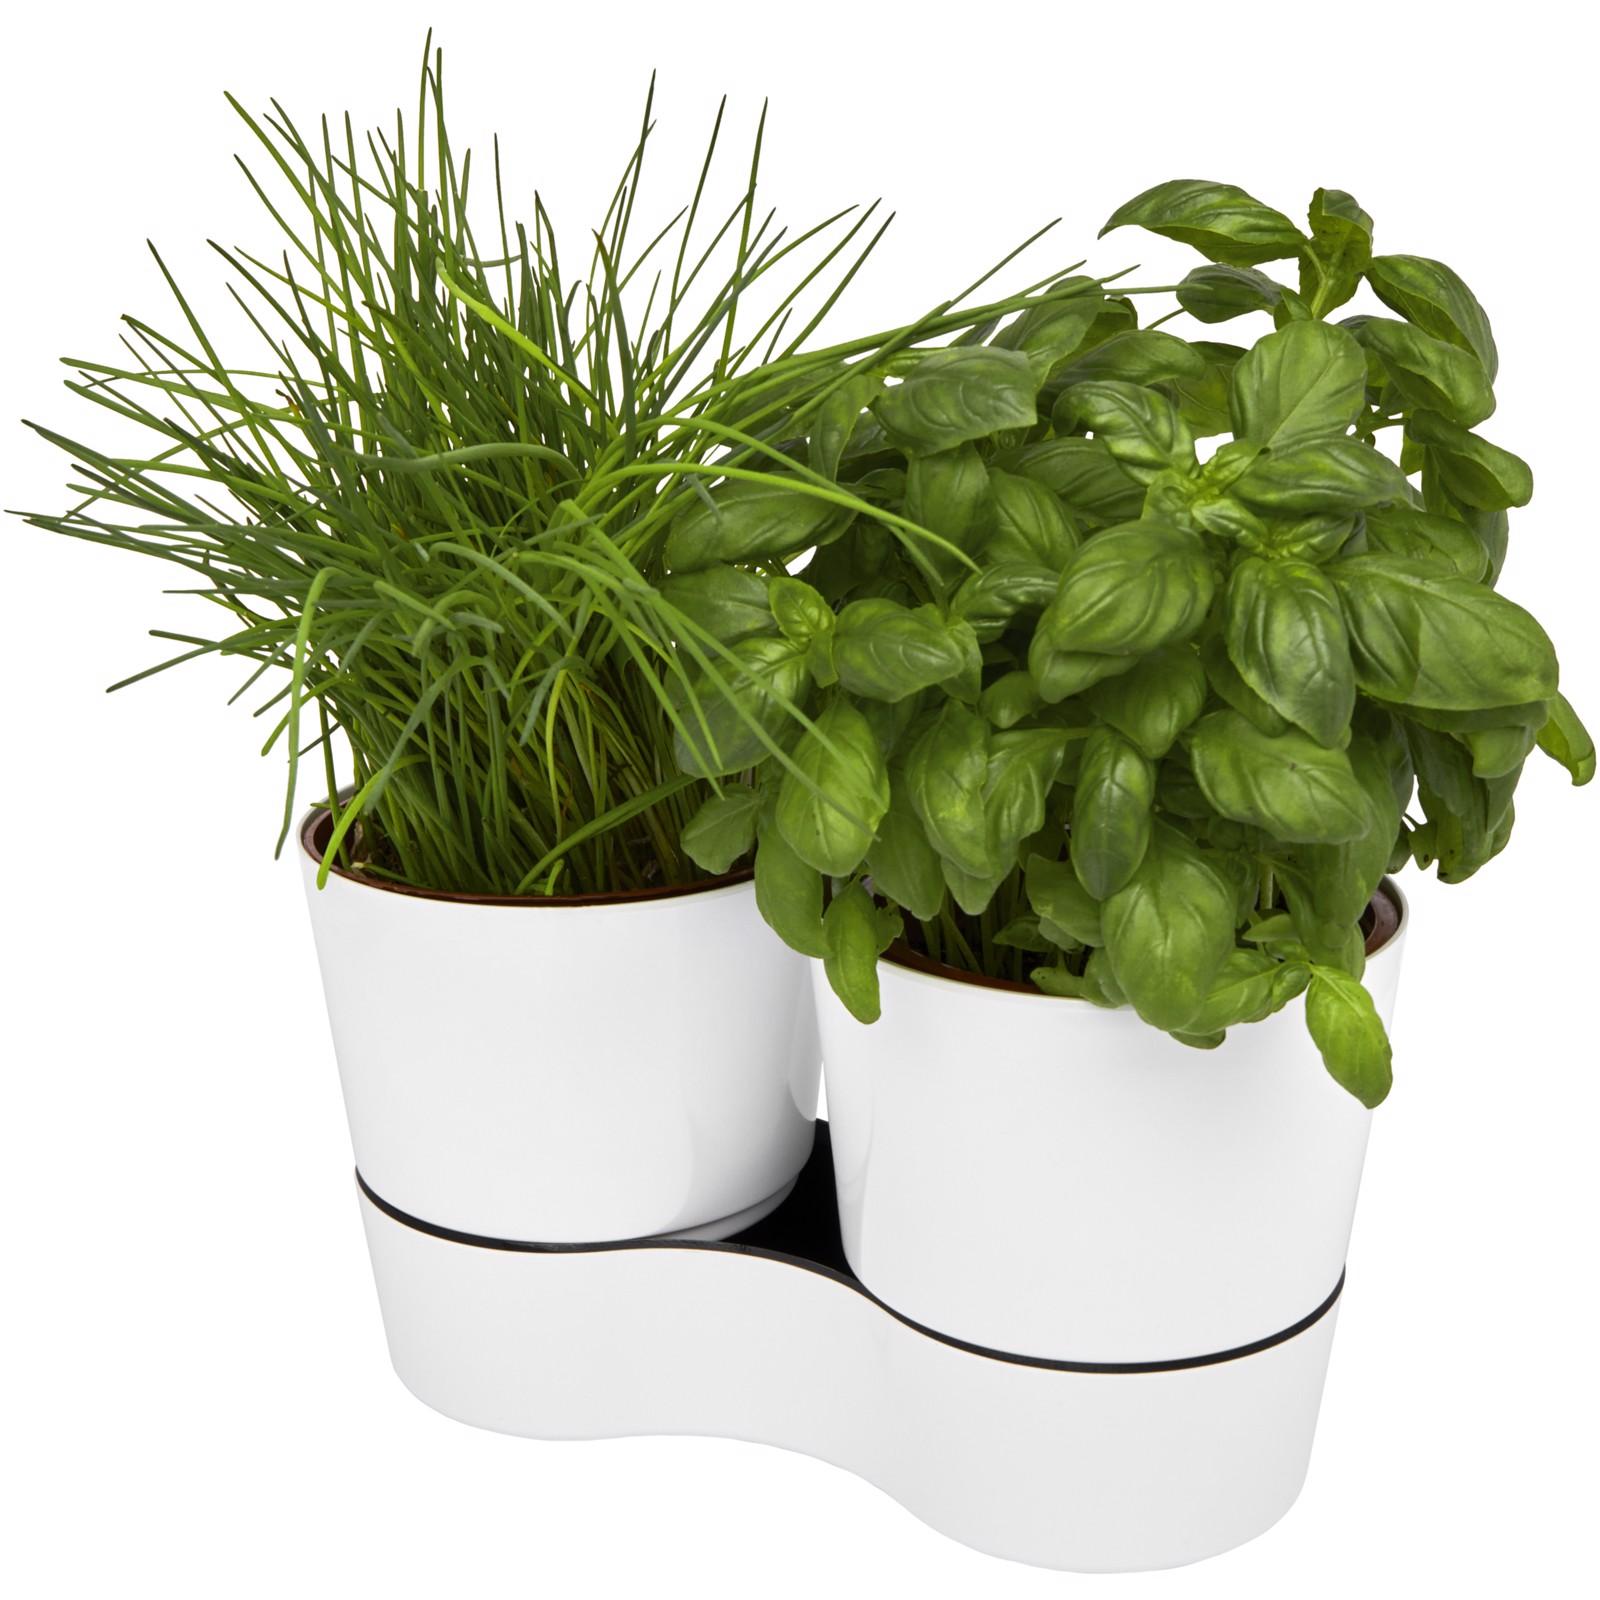 Herbs twin kitchen pot - White